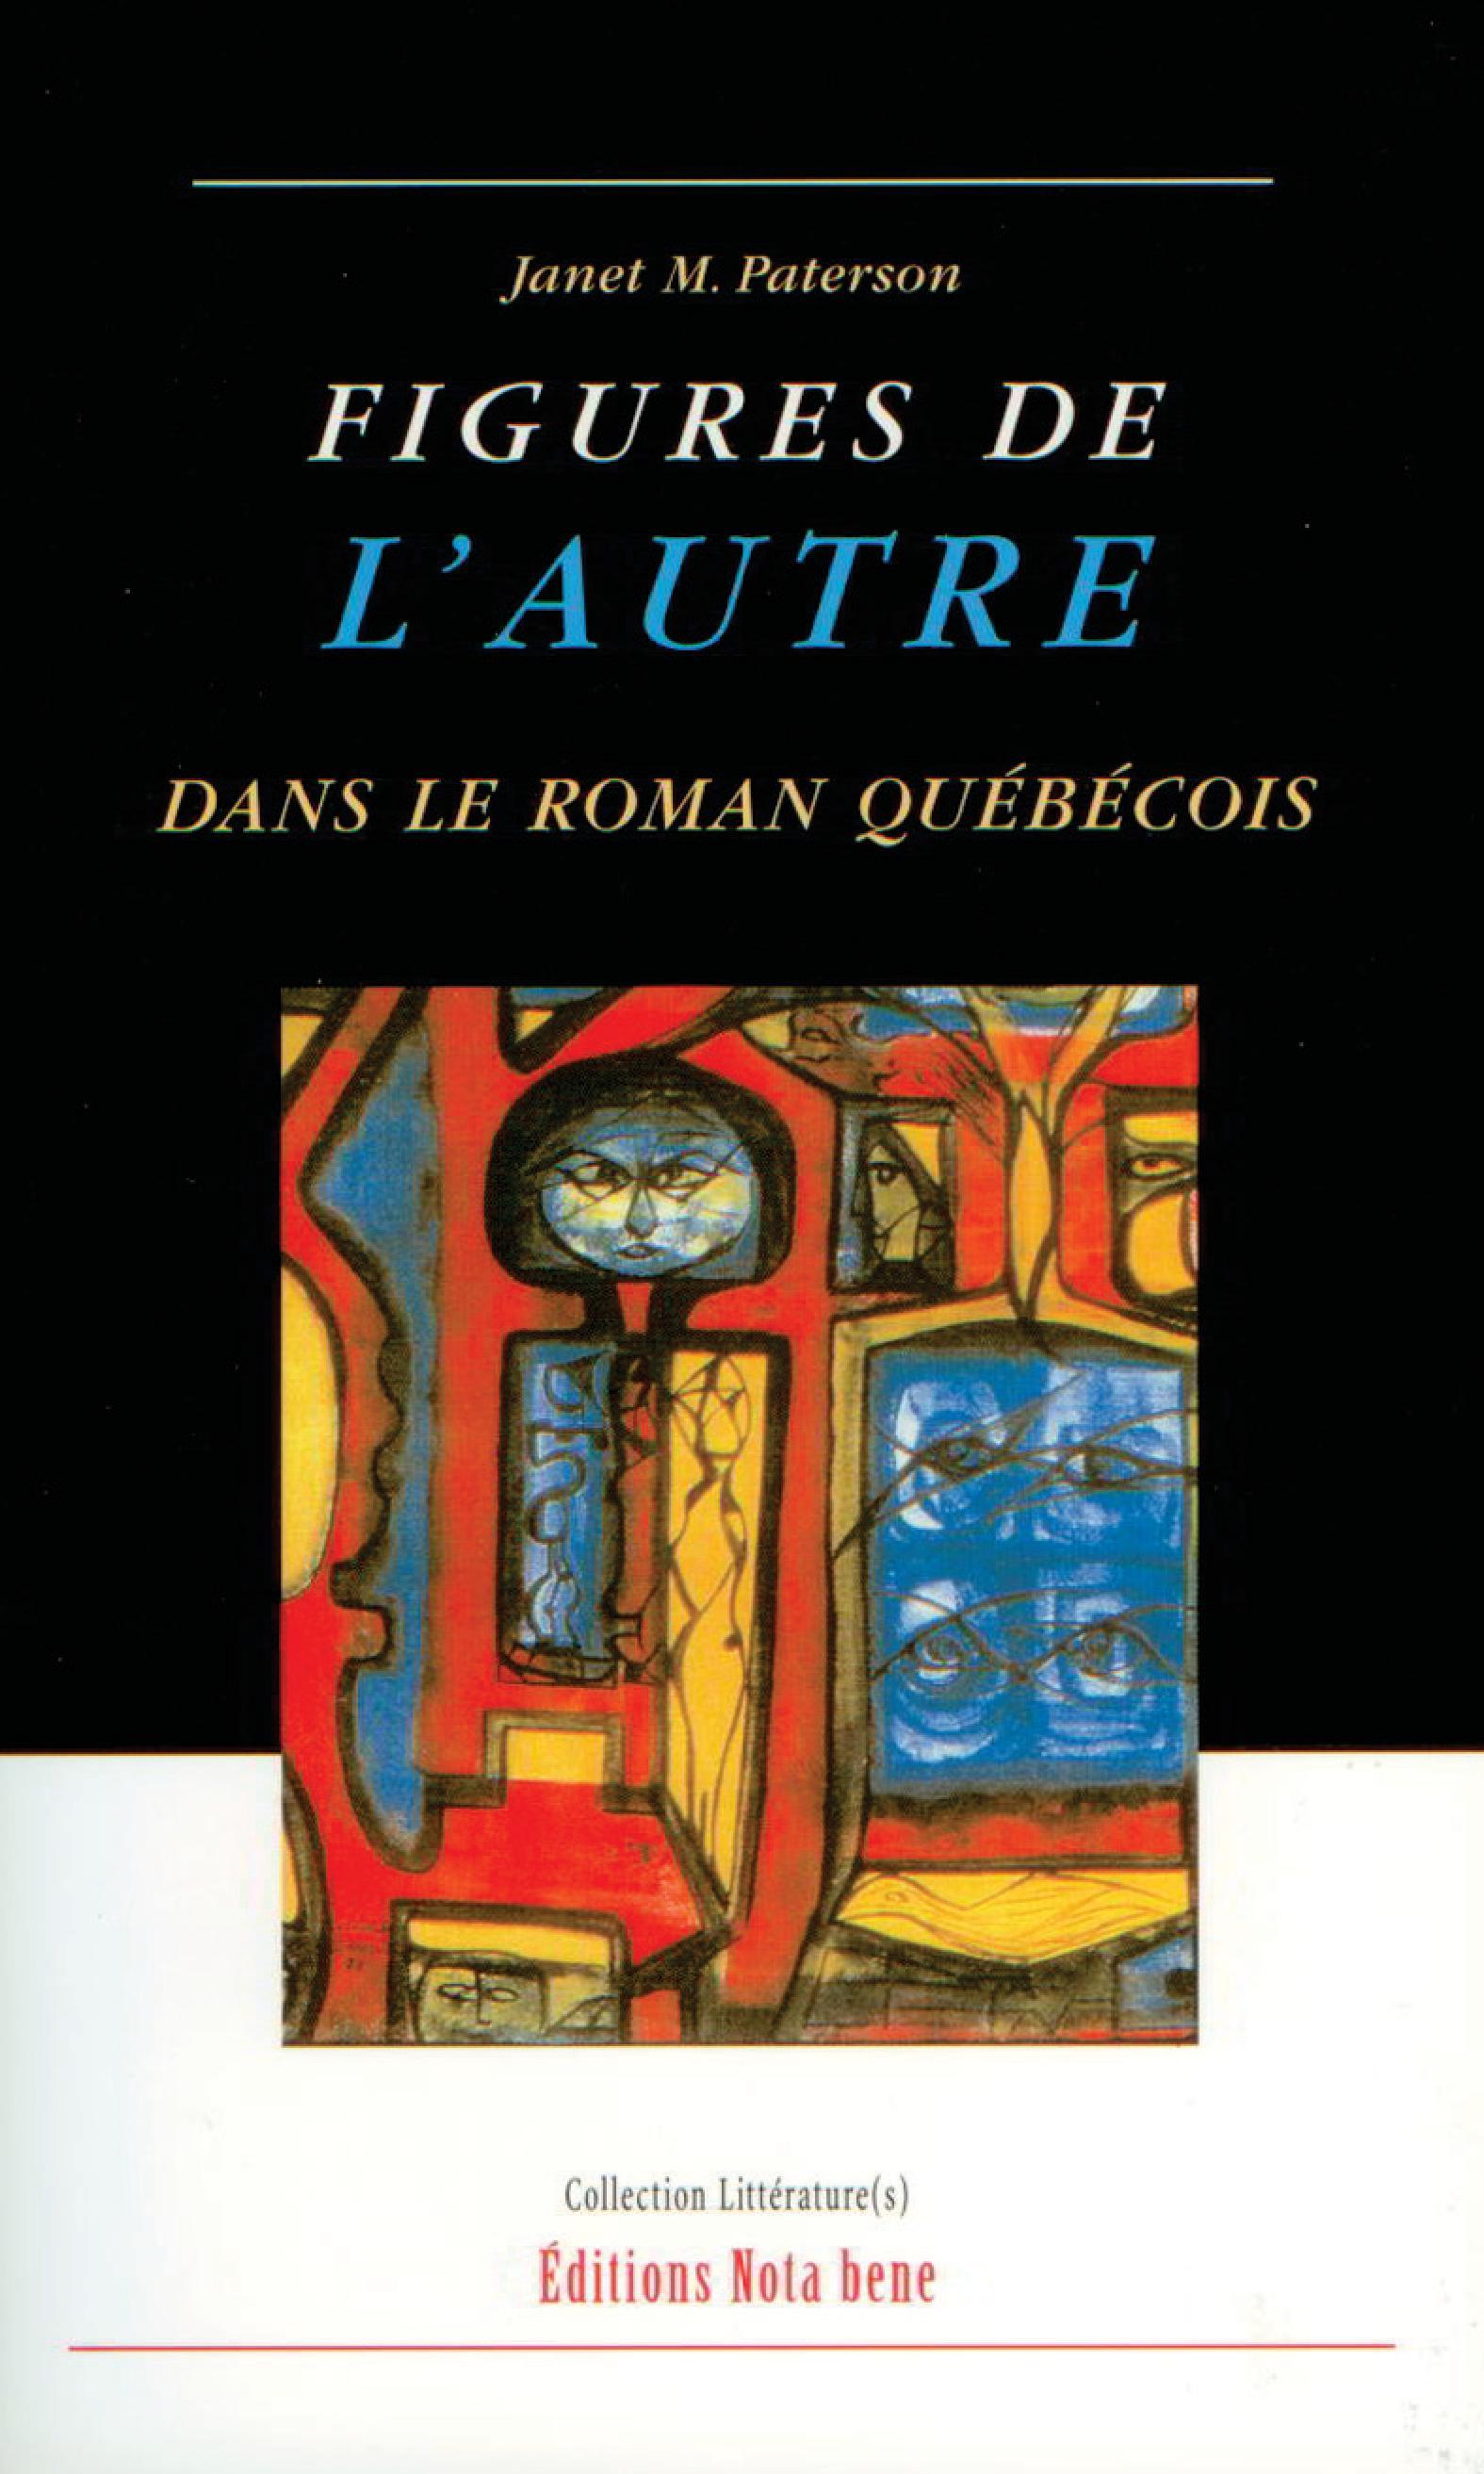 Figures de l'Autre dans le roman québécois